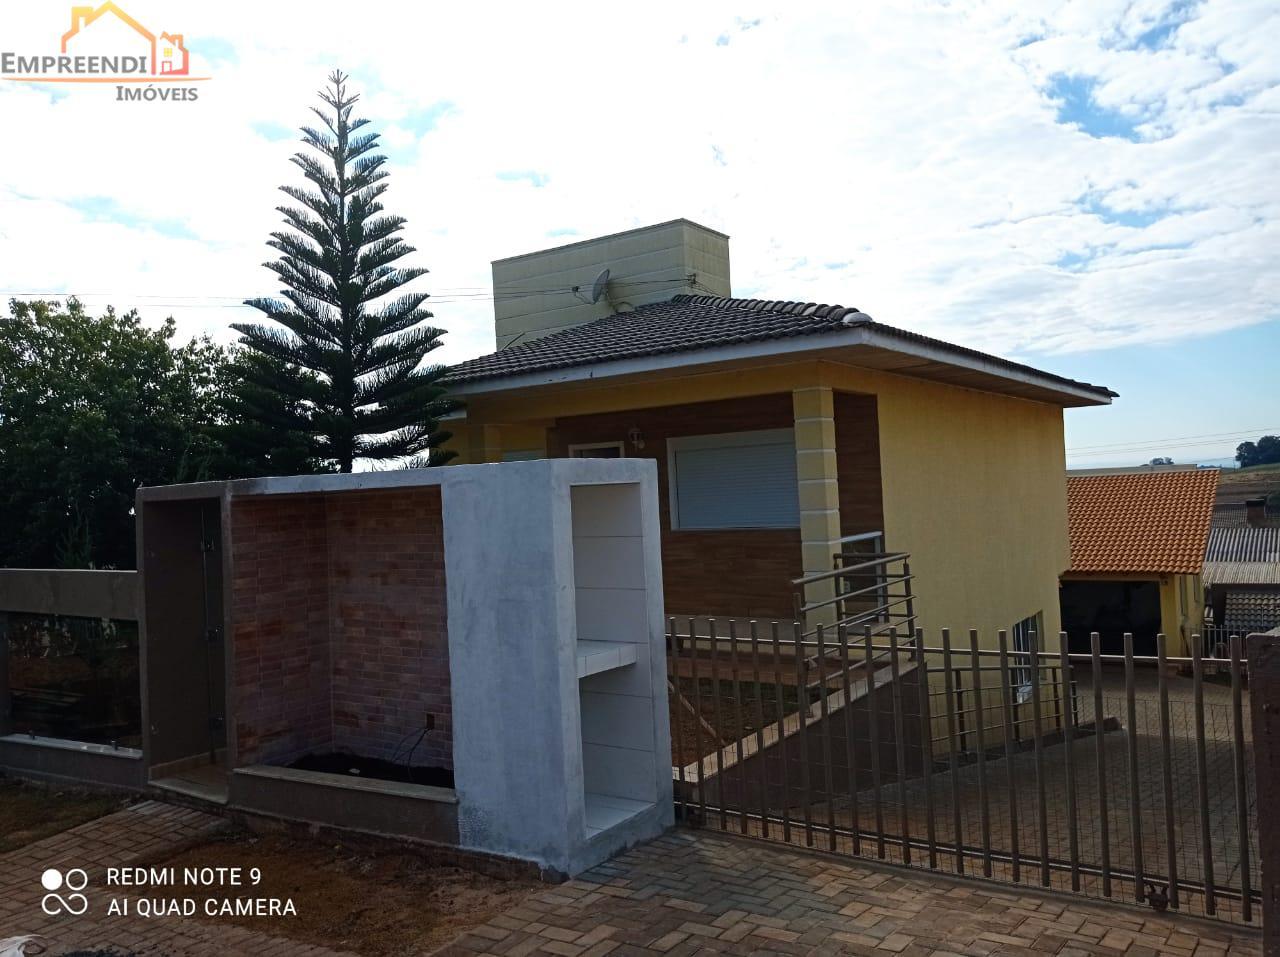 Casa com 3 dormitórios para locação, PARQUE DO SOM, PATO BRANCO - PR